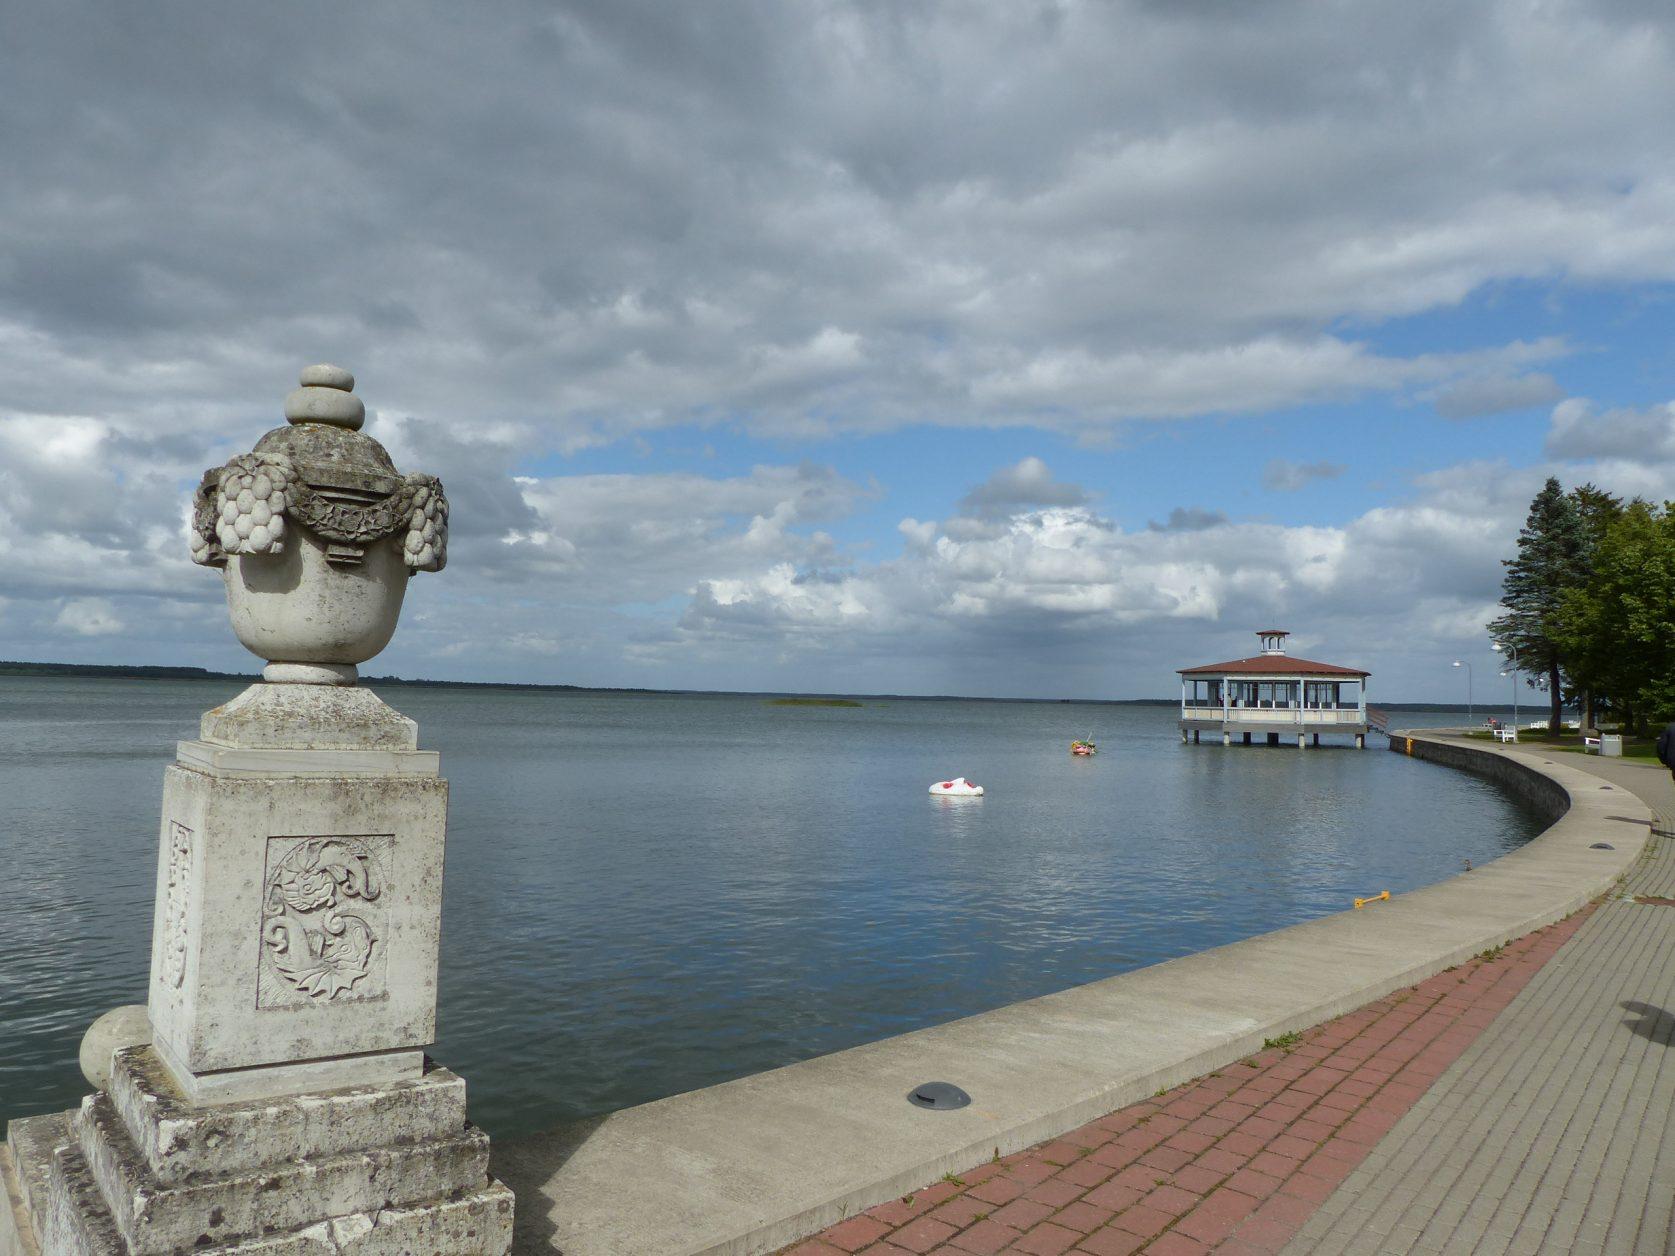 Zu den Sehenswürdigkeiten in Haapsalu gehört die Pomenade. Foto: D.Weirauch